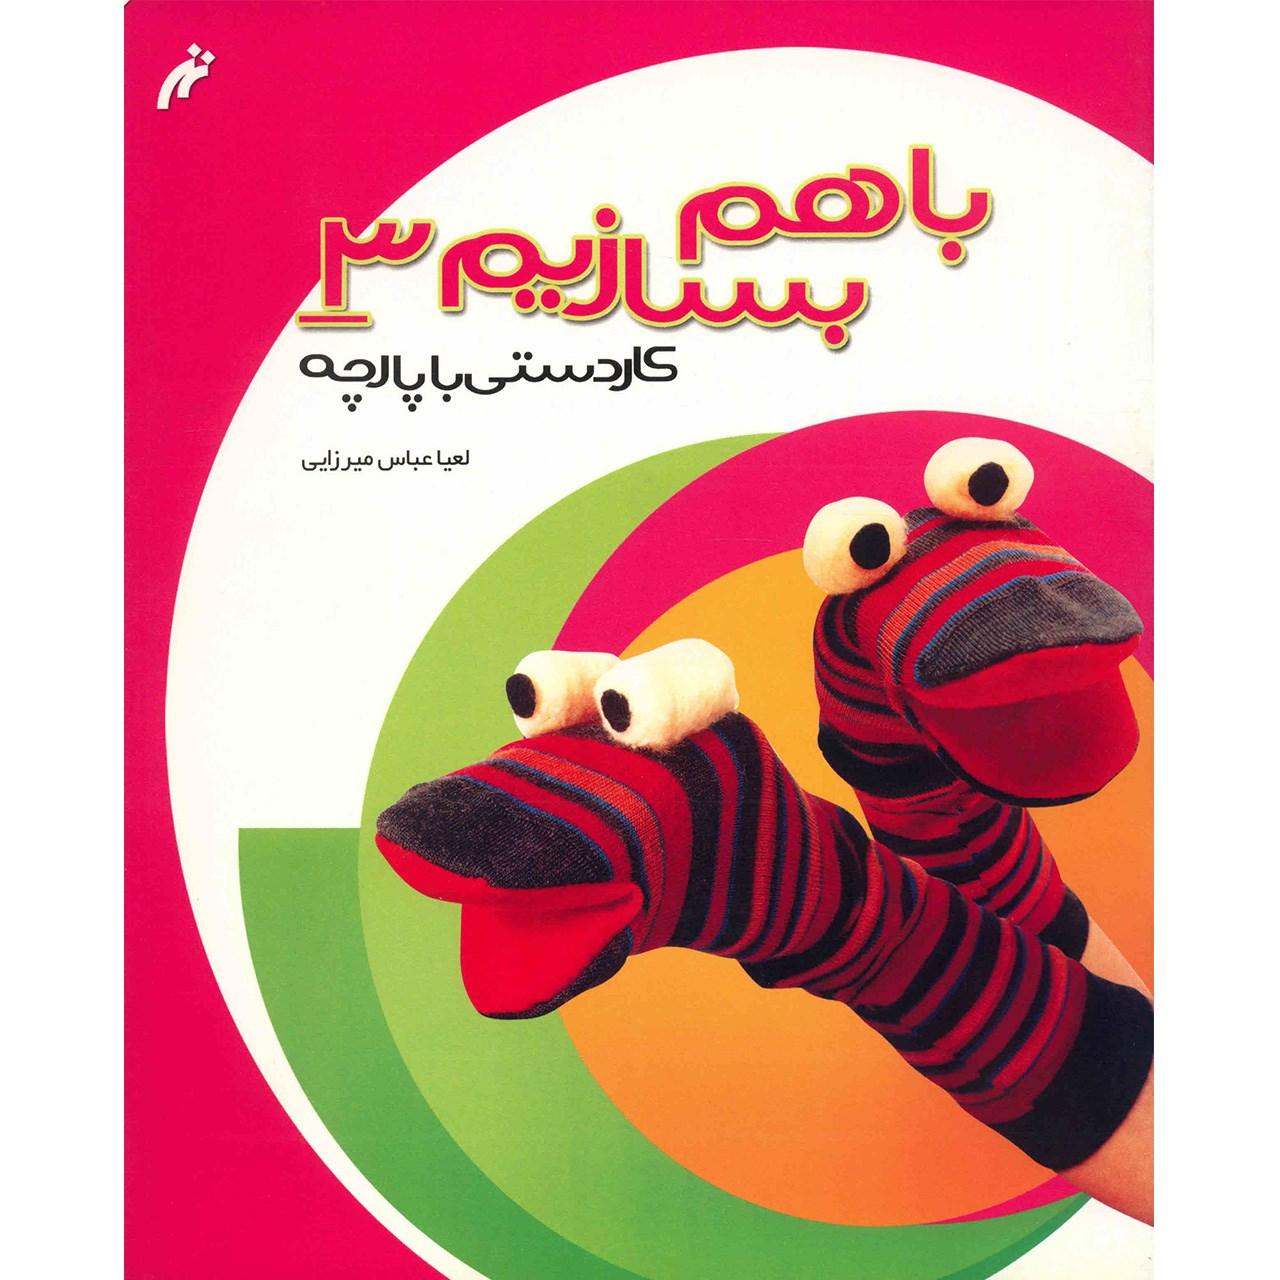 کتاب کاردستی با پارچه اثر لعیا عباس میرزایی